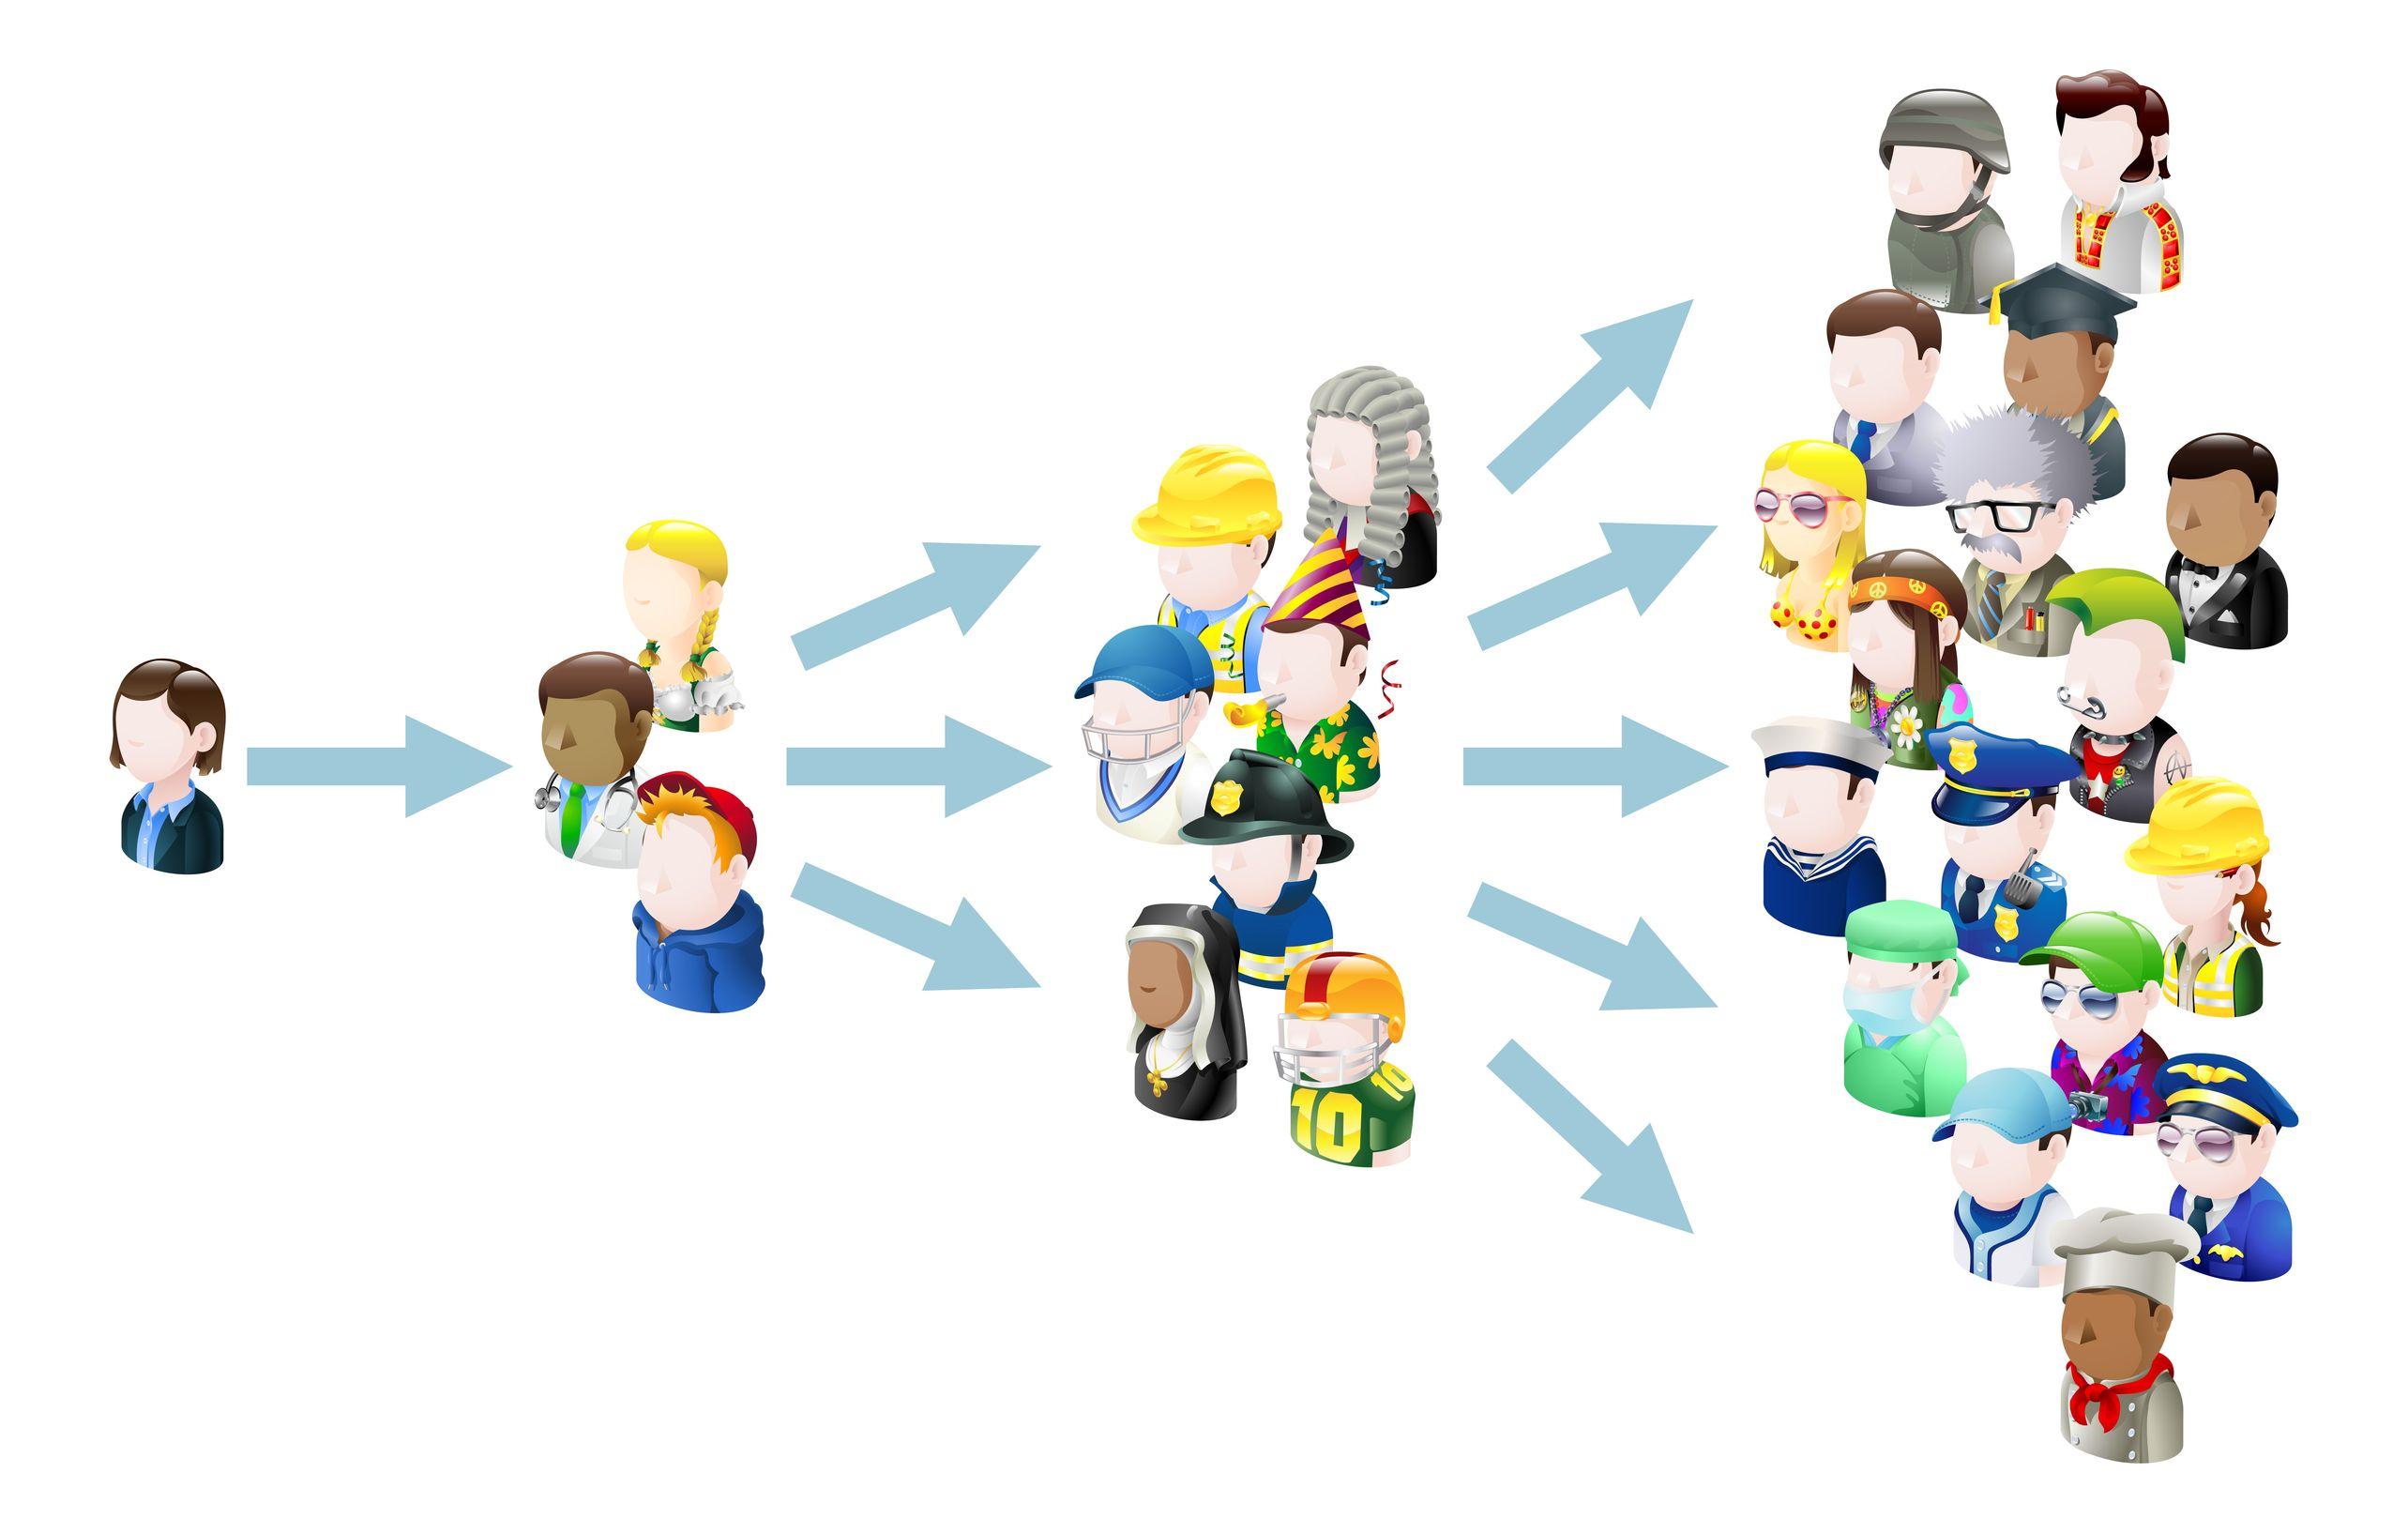 truyền miệng là công cụ marketing cốt lõi trong kinh doanh đa cấp